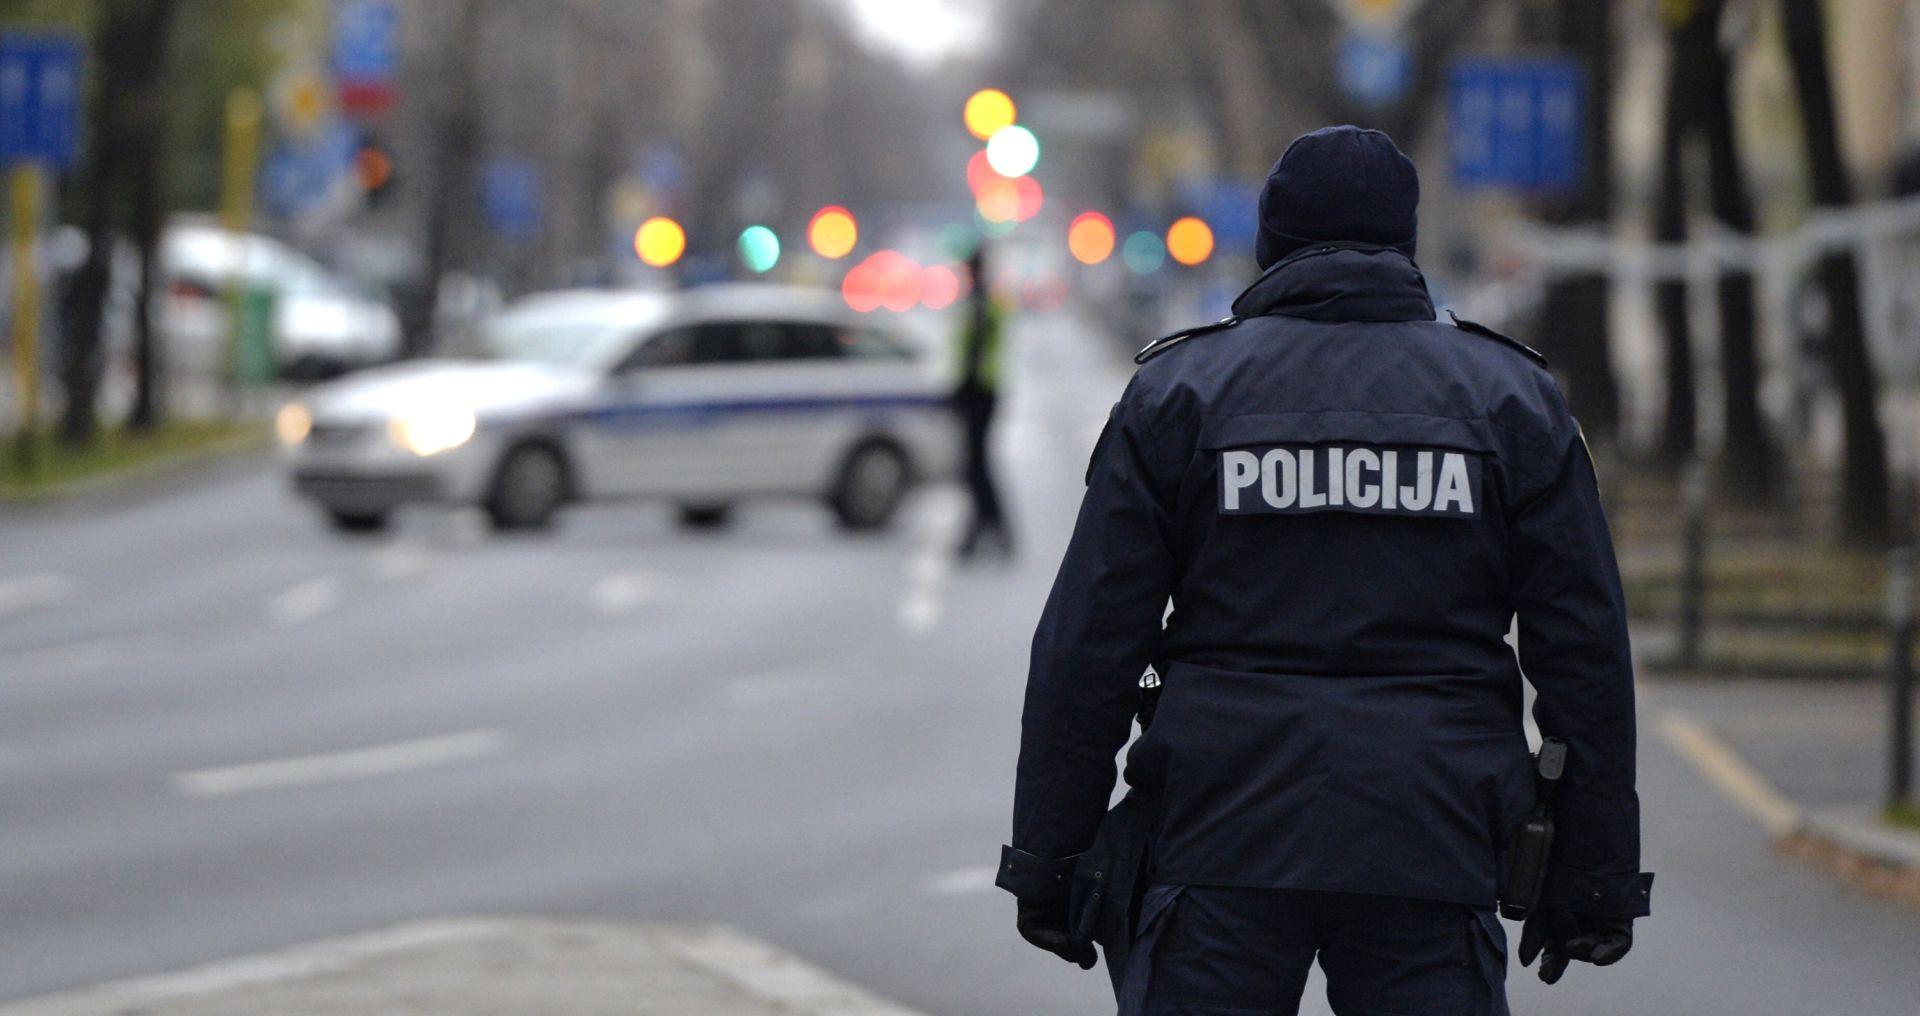 SPLIT Policajac oskorištavao djecu za pornografiju